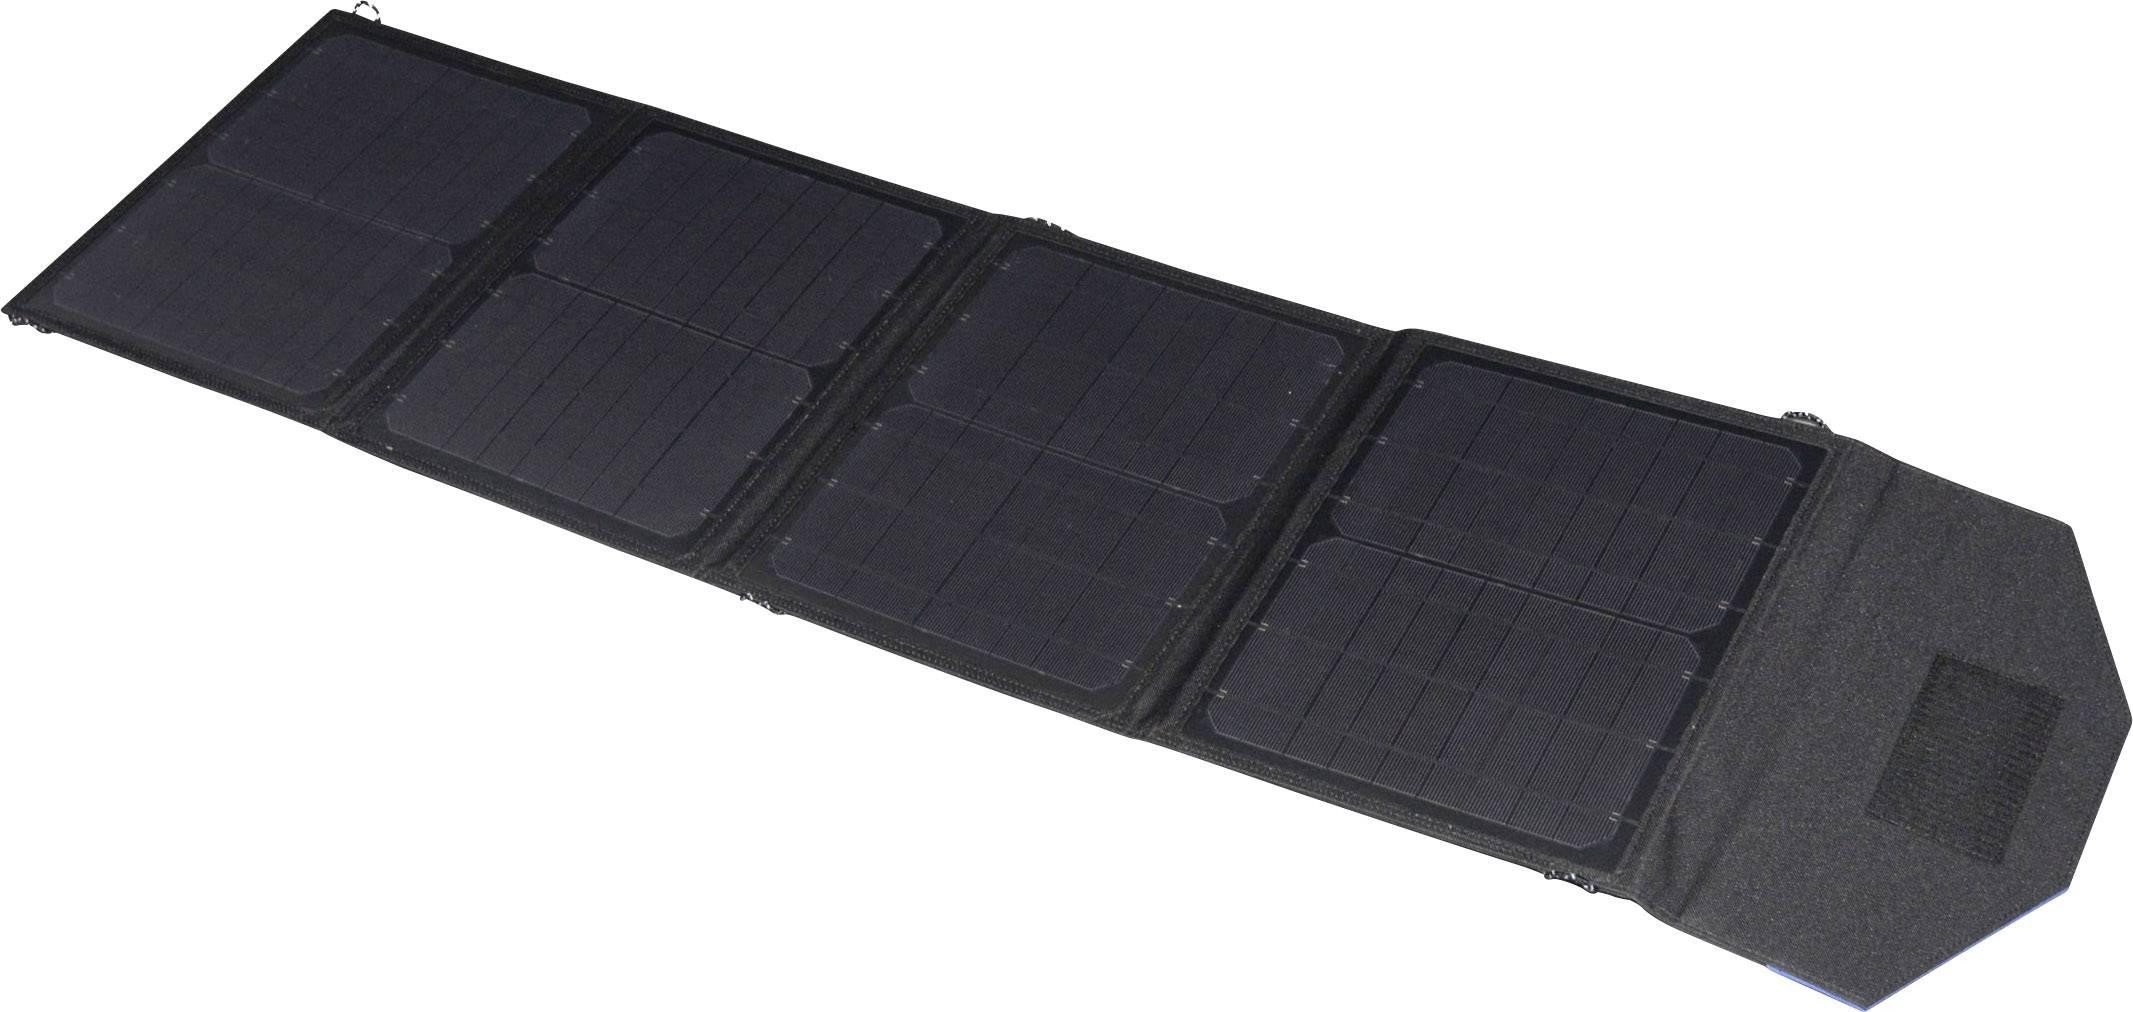 Solární nabíječka Polaroid SP50 717-843032, 18 V